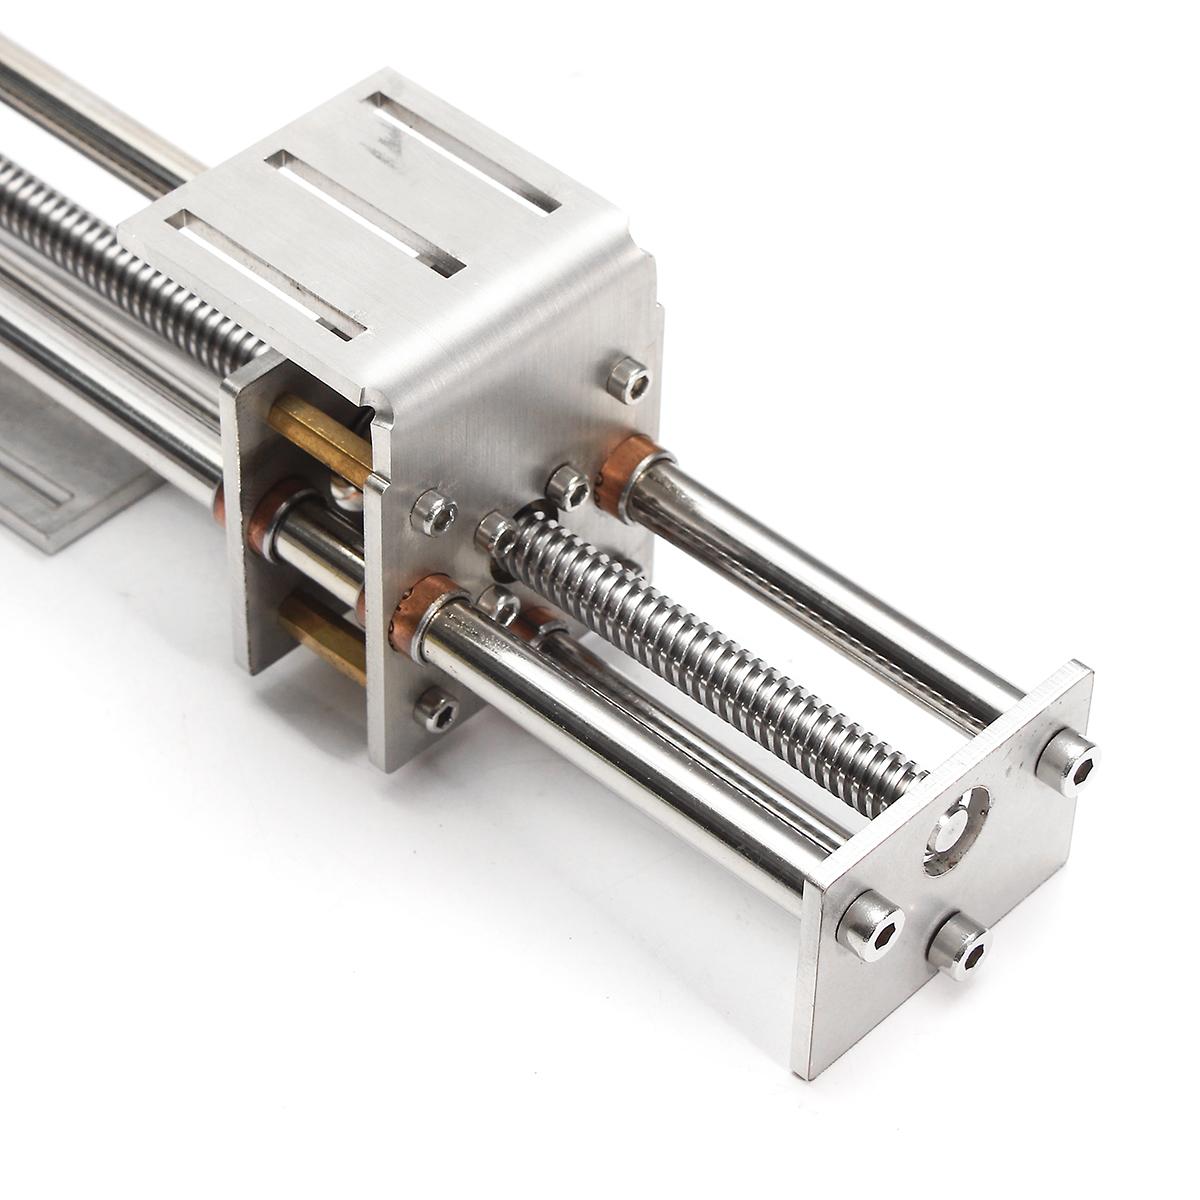 150mm Slide Stroke Z Axis Mini Cnc Linear Motion Milling